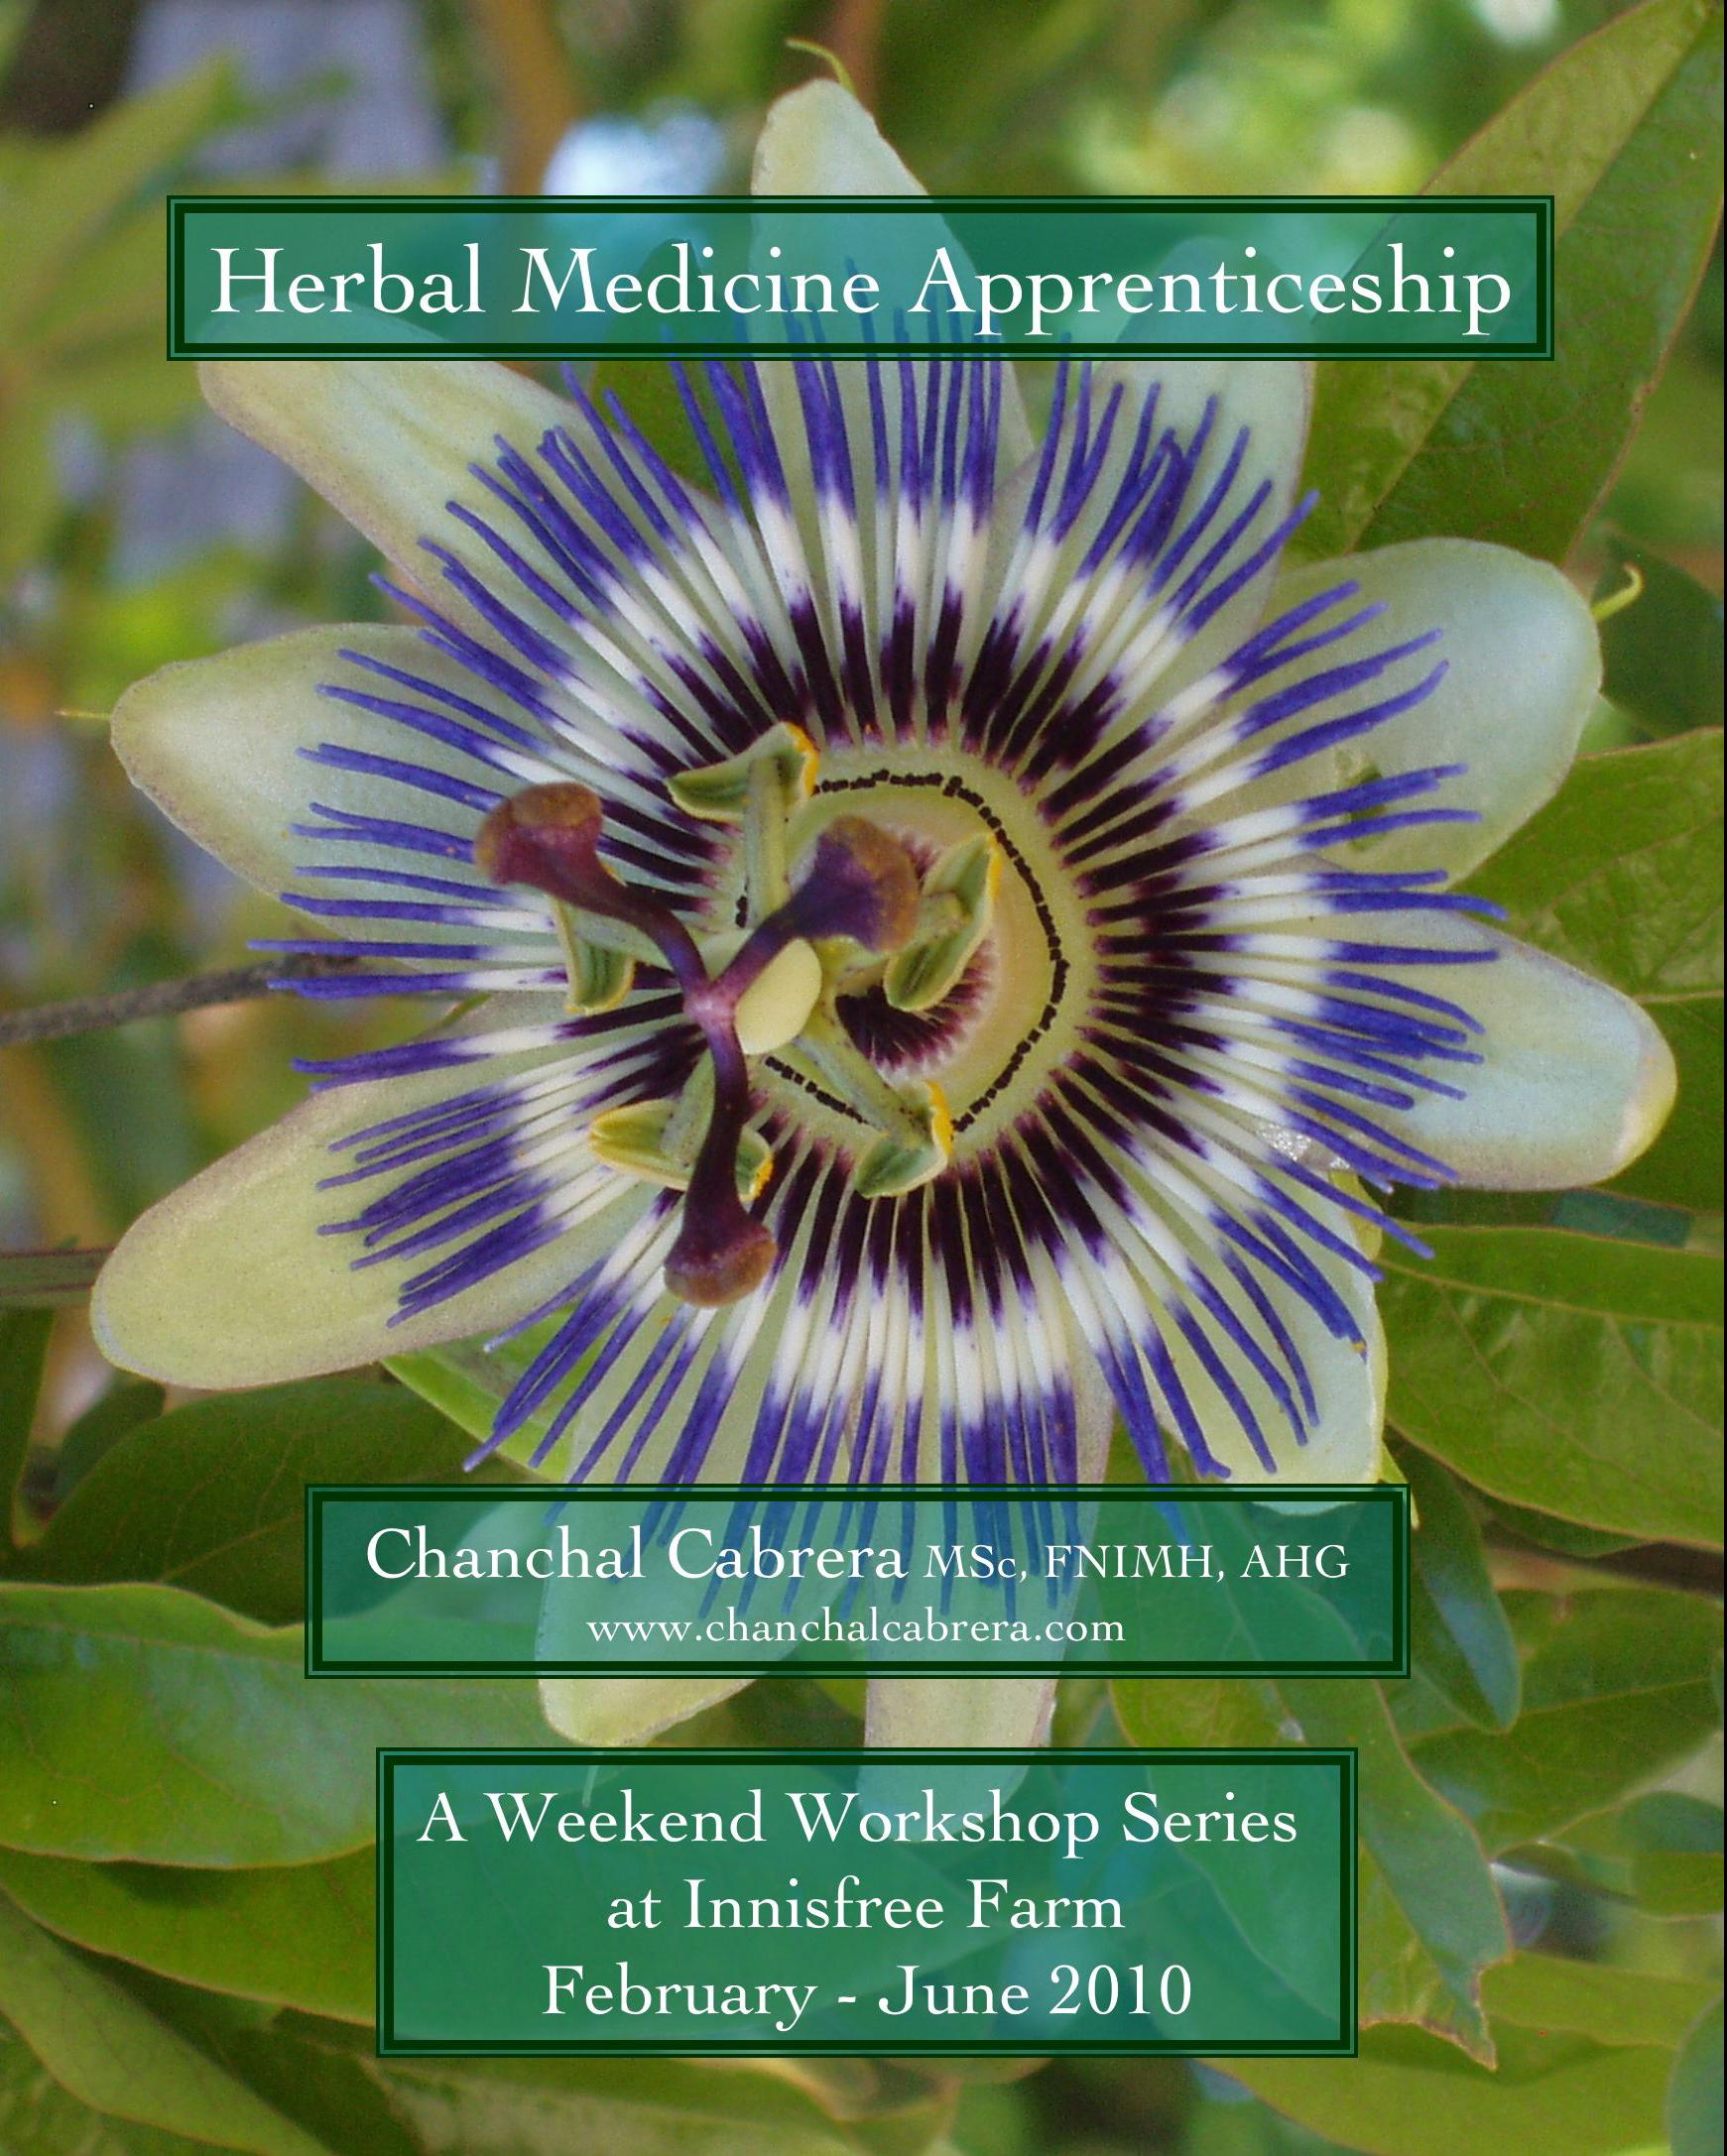 Herb Med Apprenticeship .jpg